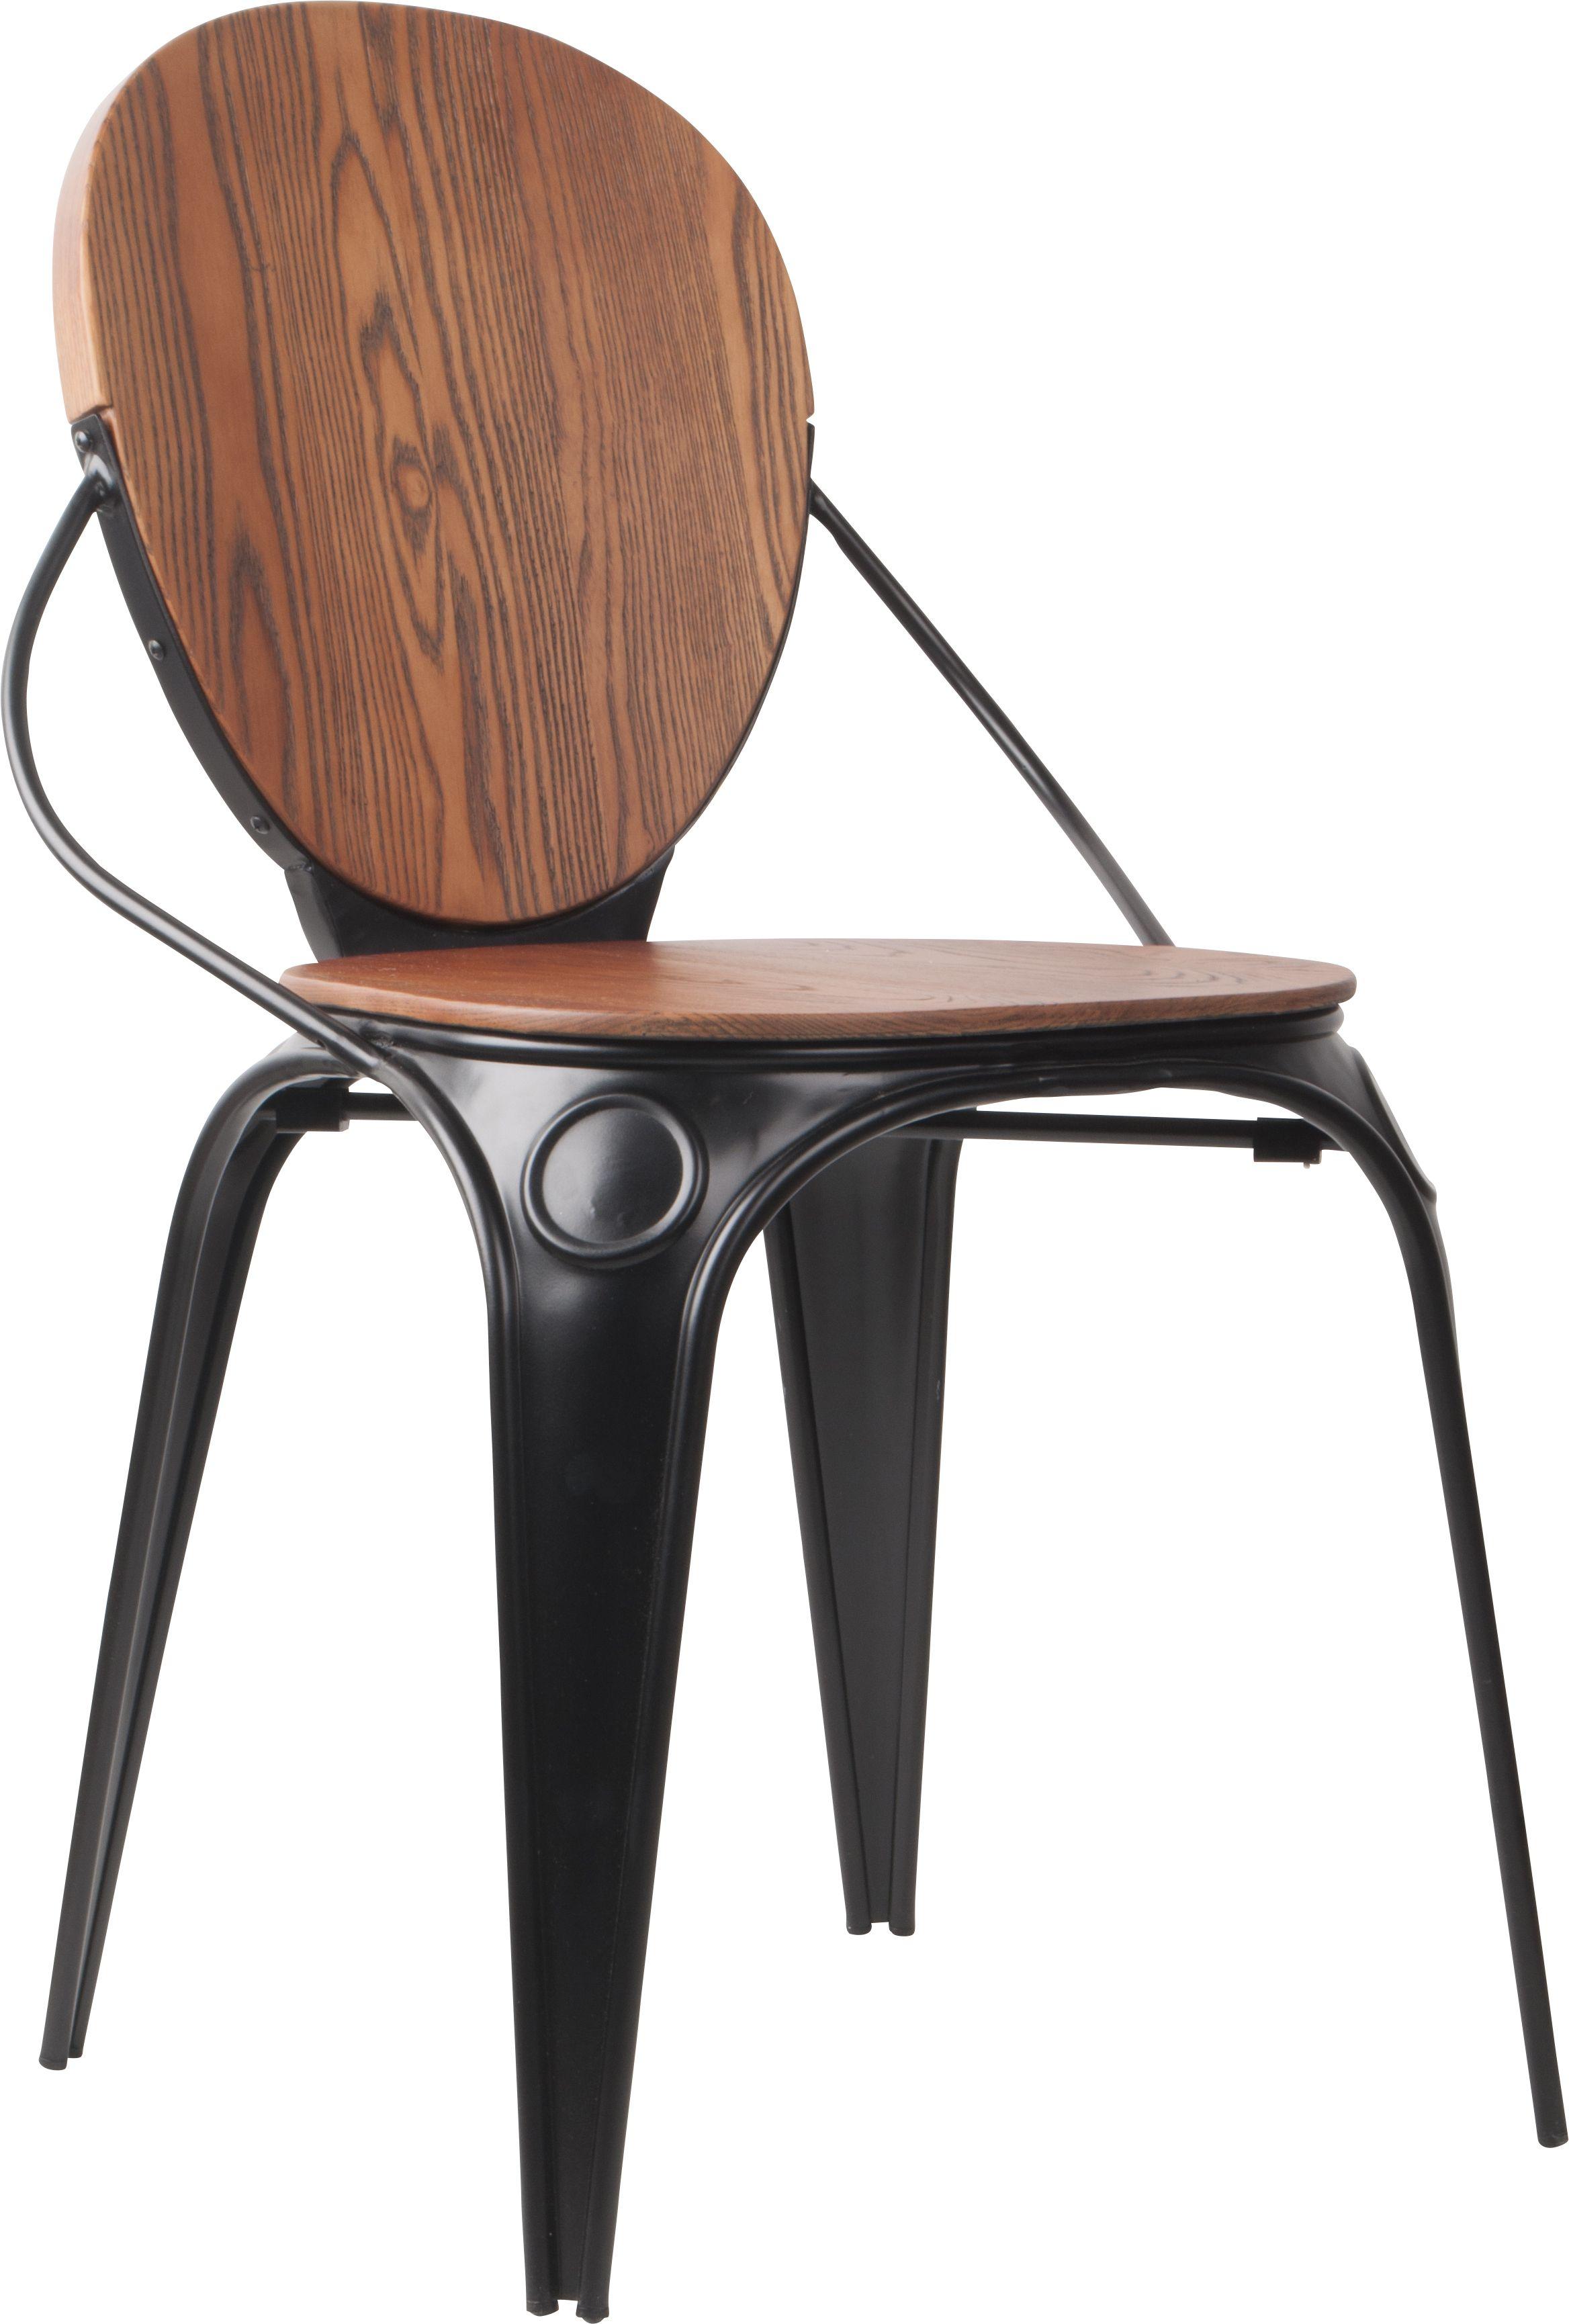 Louis Antique Chair Black Chair Chaise Stuhl Stoel Retro